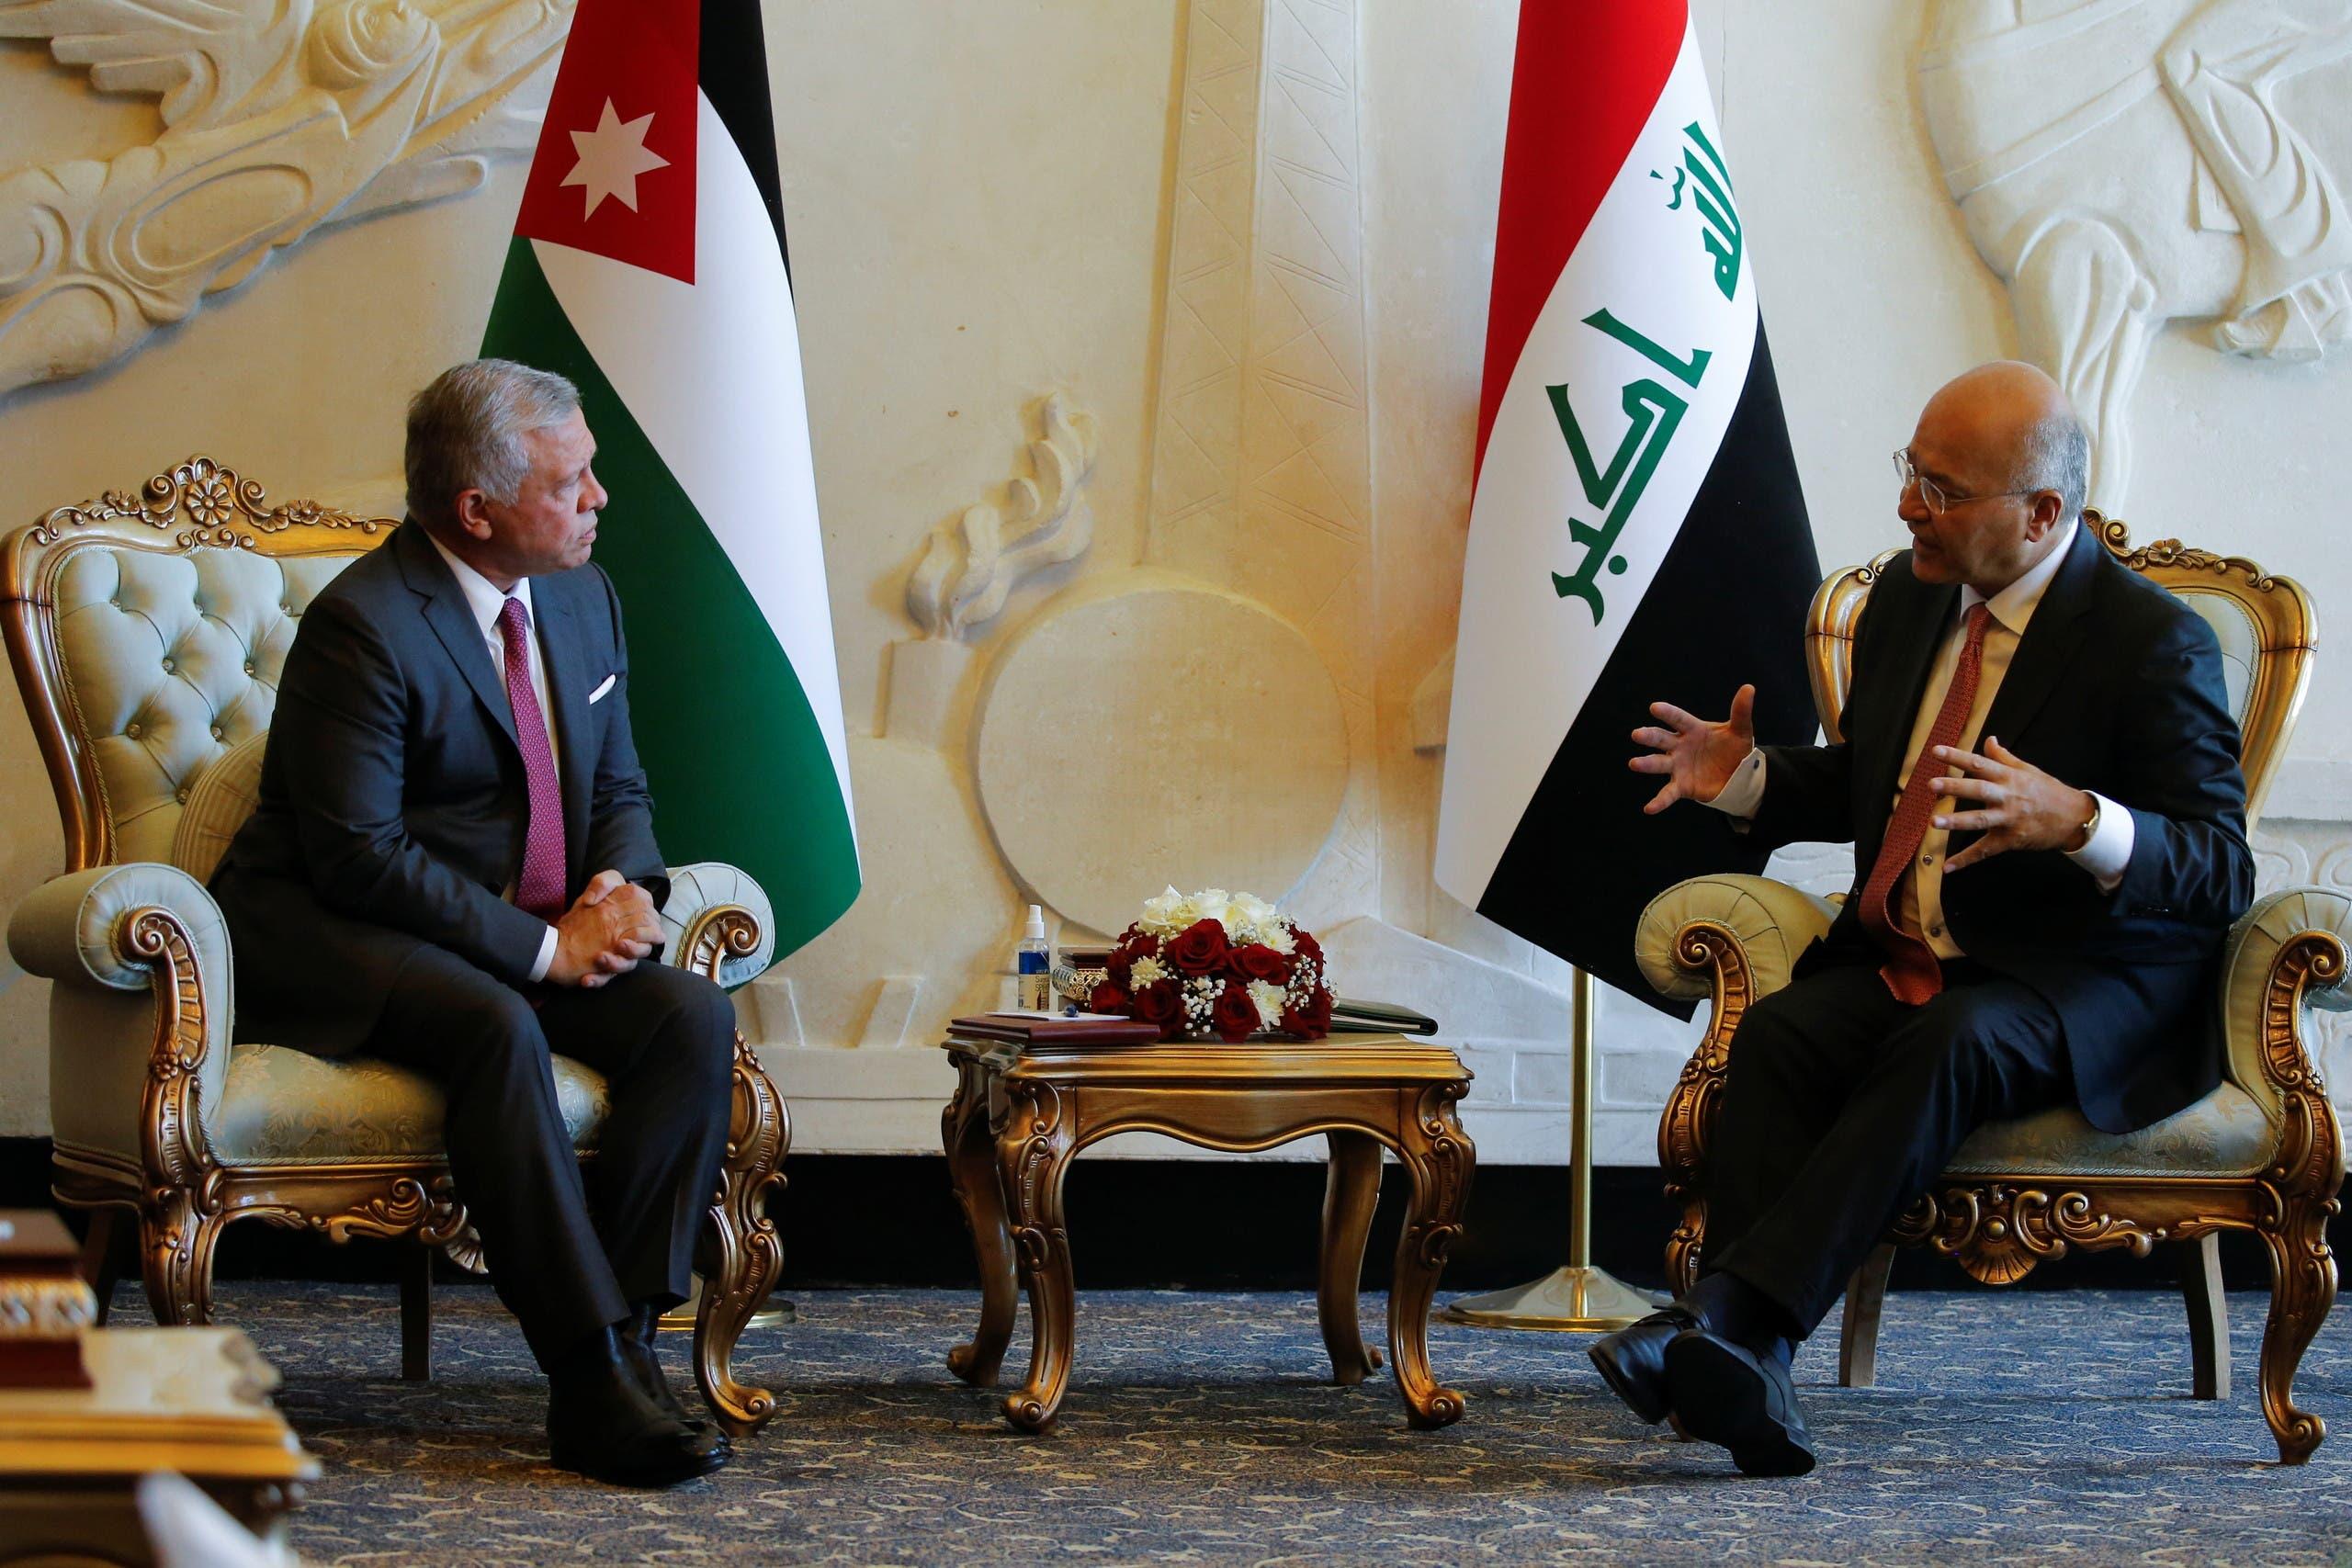 Iraqi President Barham Salih and King Abdullah II of Jordan talk at Baghdad International Airport in Baghdad, Iraq June 27, 2021. (Reuters)